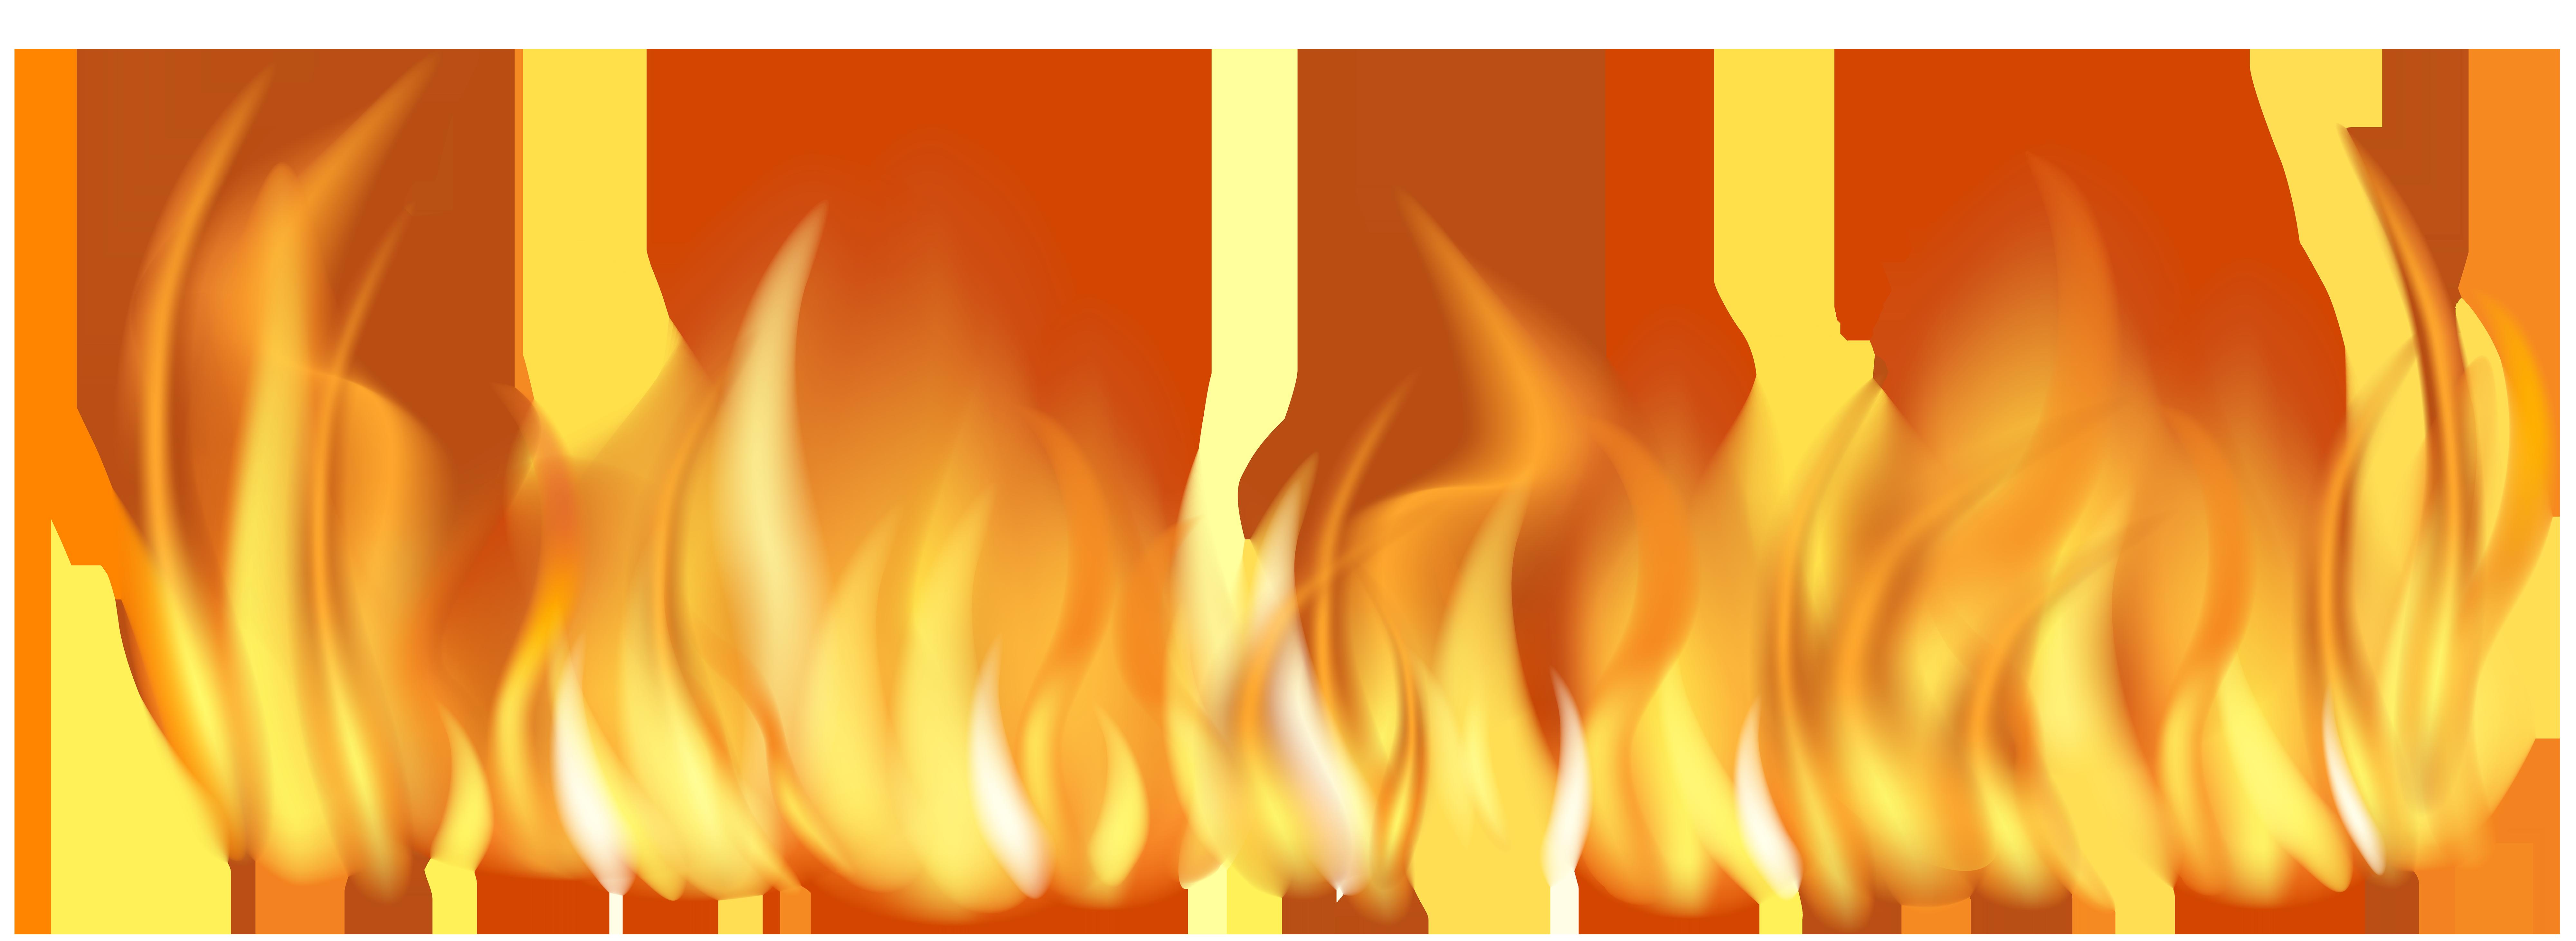 Fire Flames Line Transparent PNG Clip Art Image.